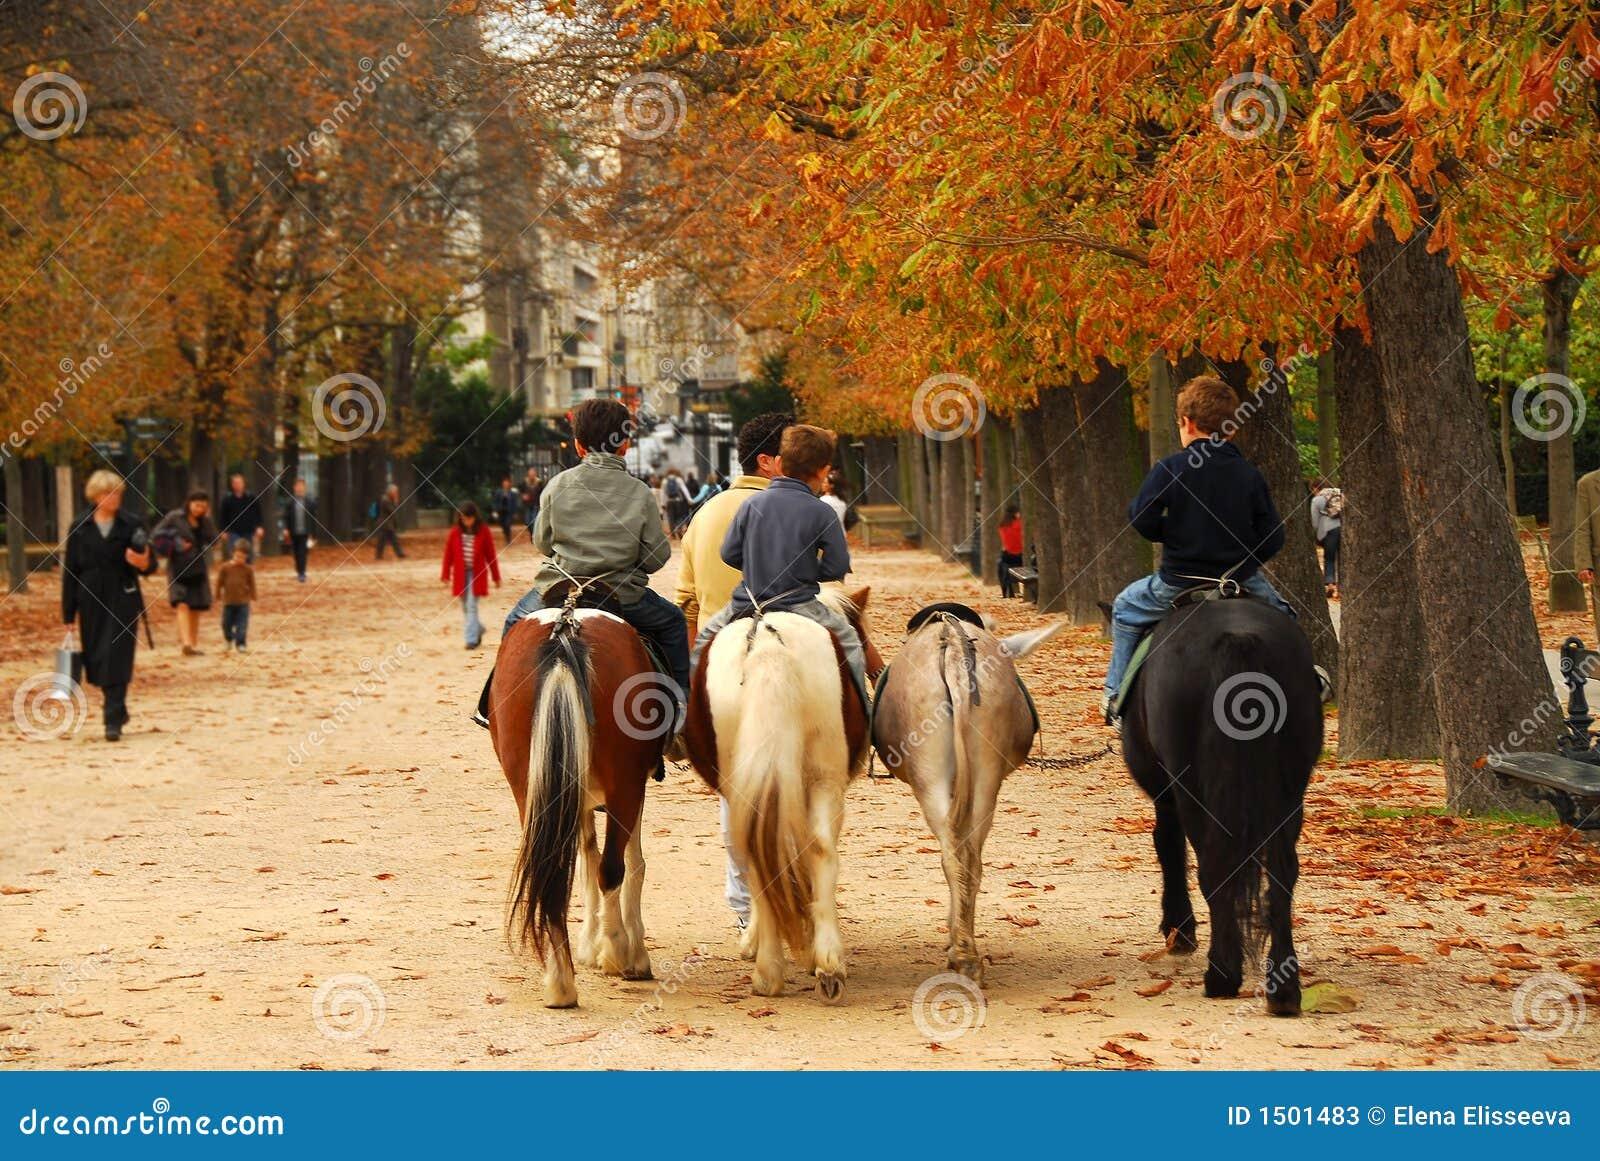 Jardins du luxembourg image stock image du c l bre vert - Jardin du luxembourg enfant ...